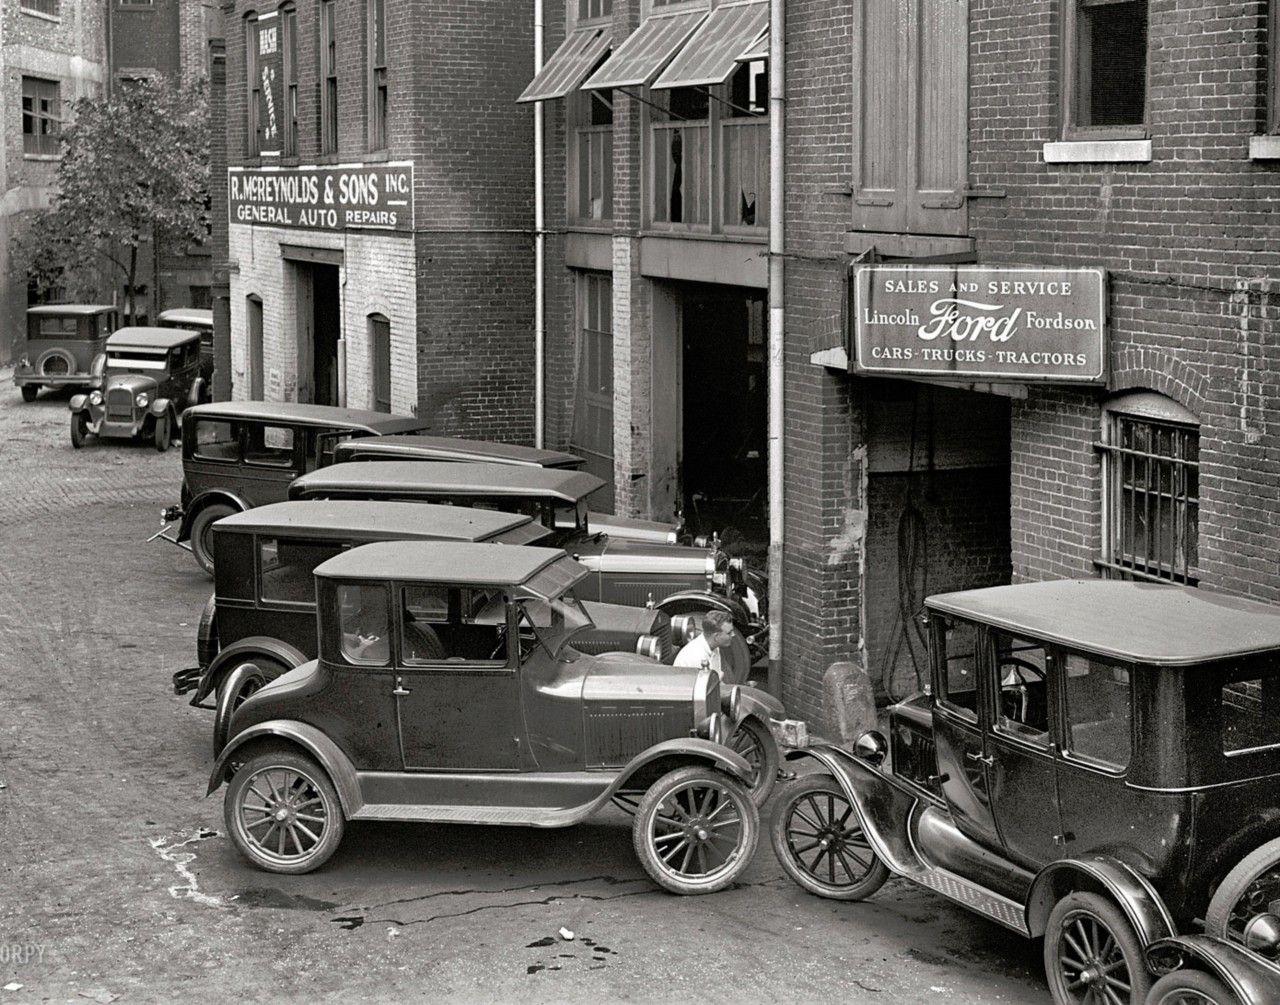 Old Ford Dealership Vintage Cars Car Dealership Antique Cars